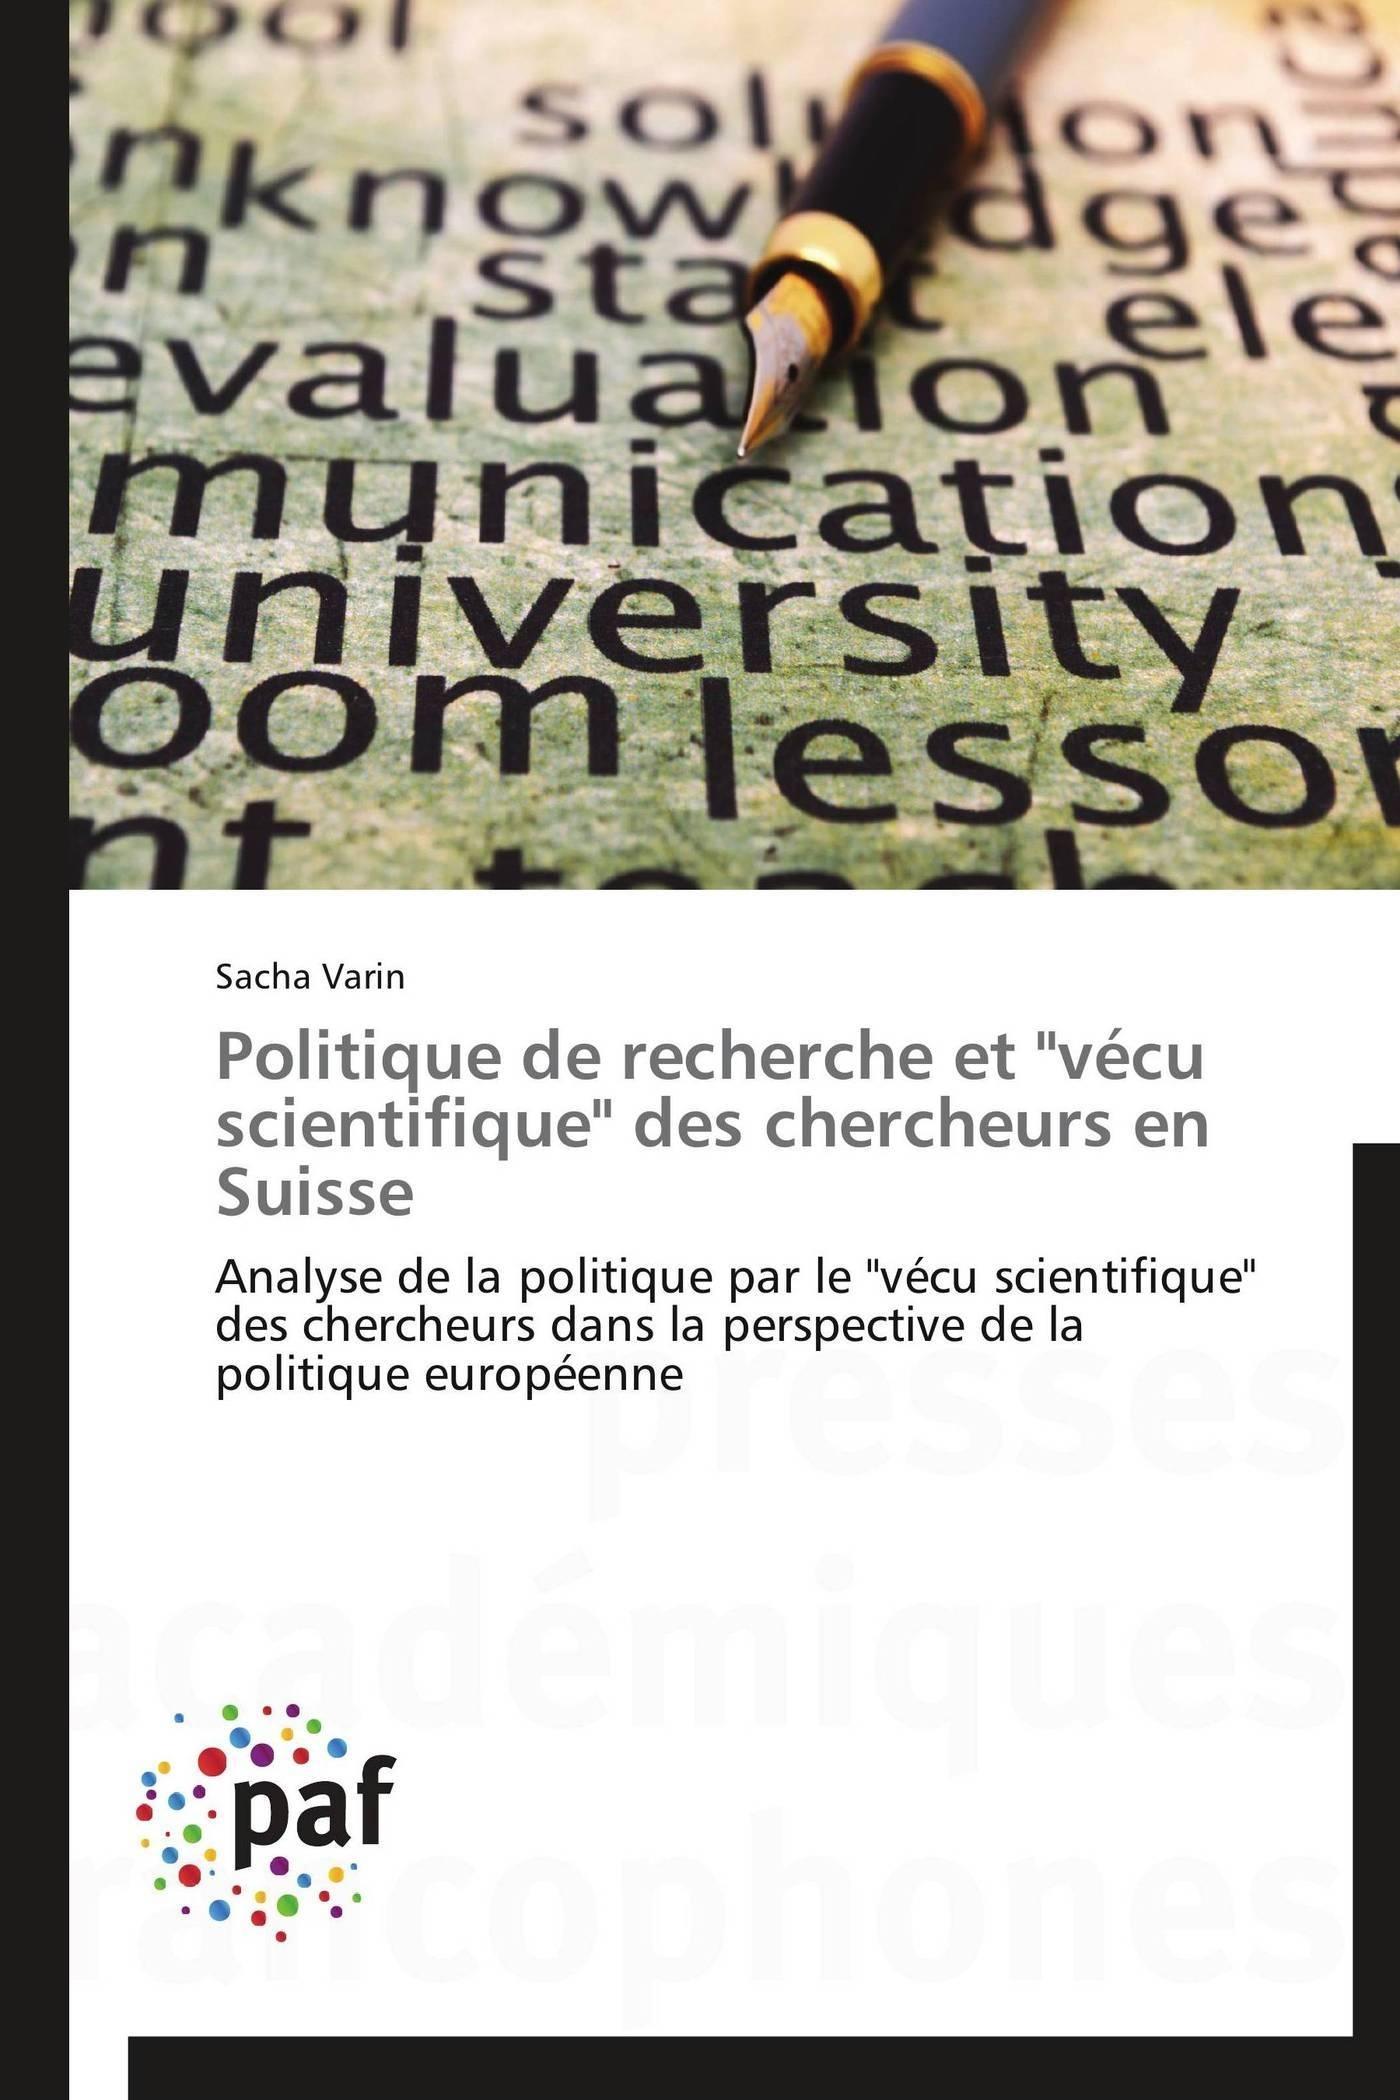 """POLITIQUE DE RECHERCHE ET """"VECU SCIENTIFIQUE"""" DES CHERCHEURS EN SUISSE"""